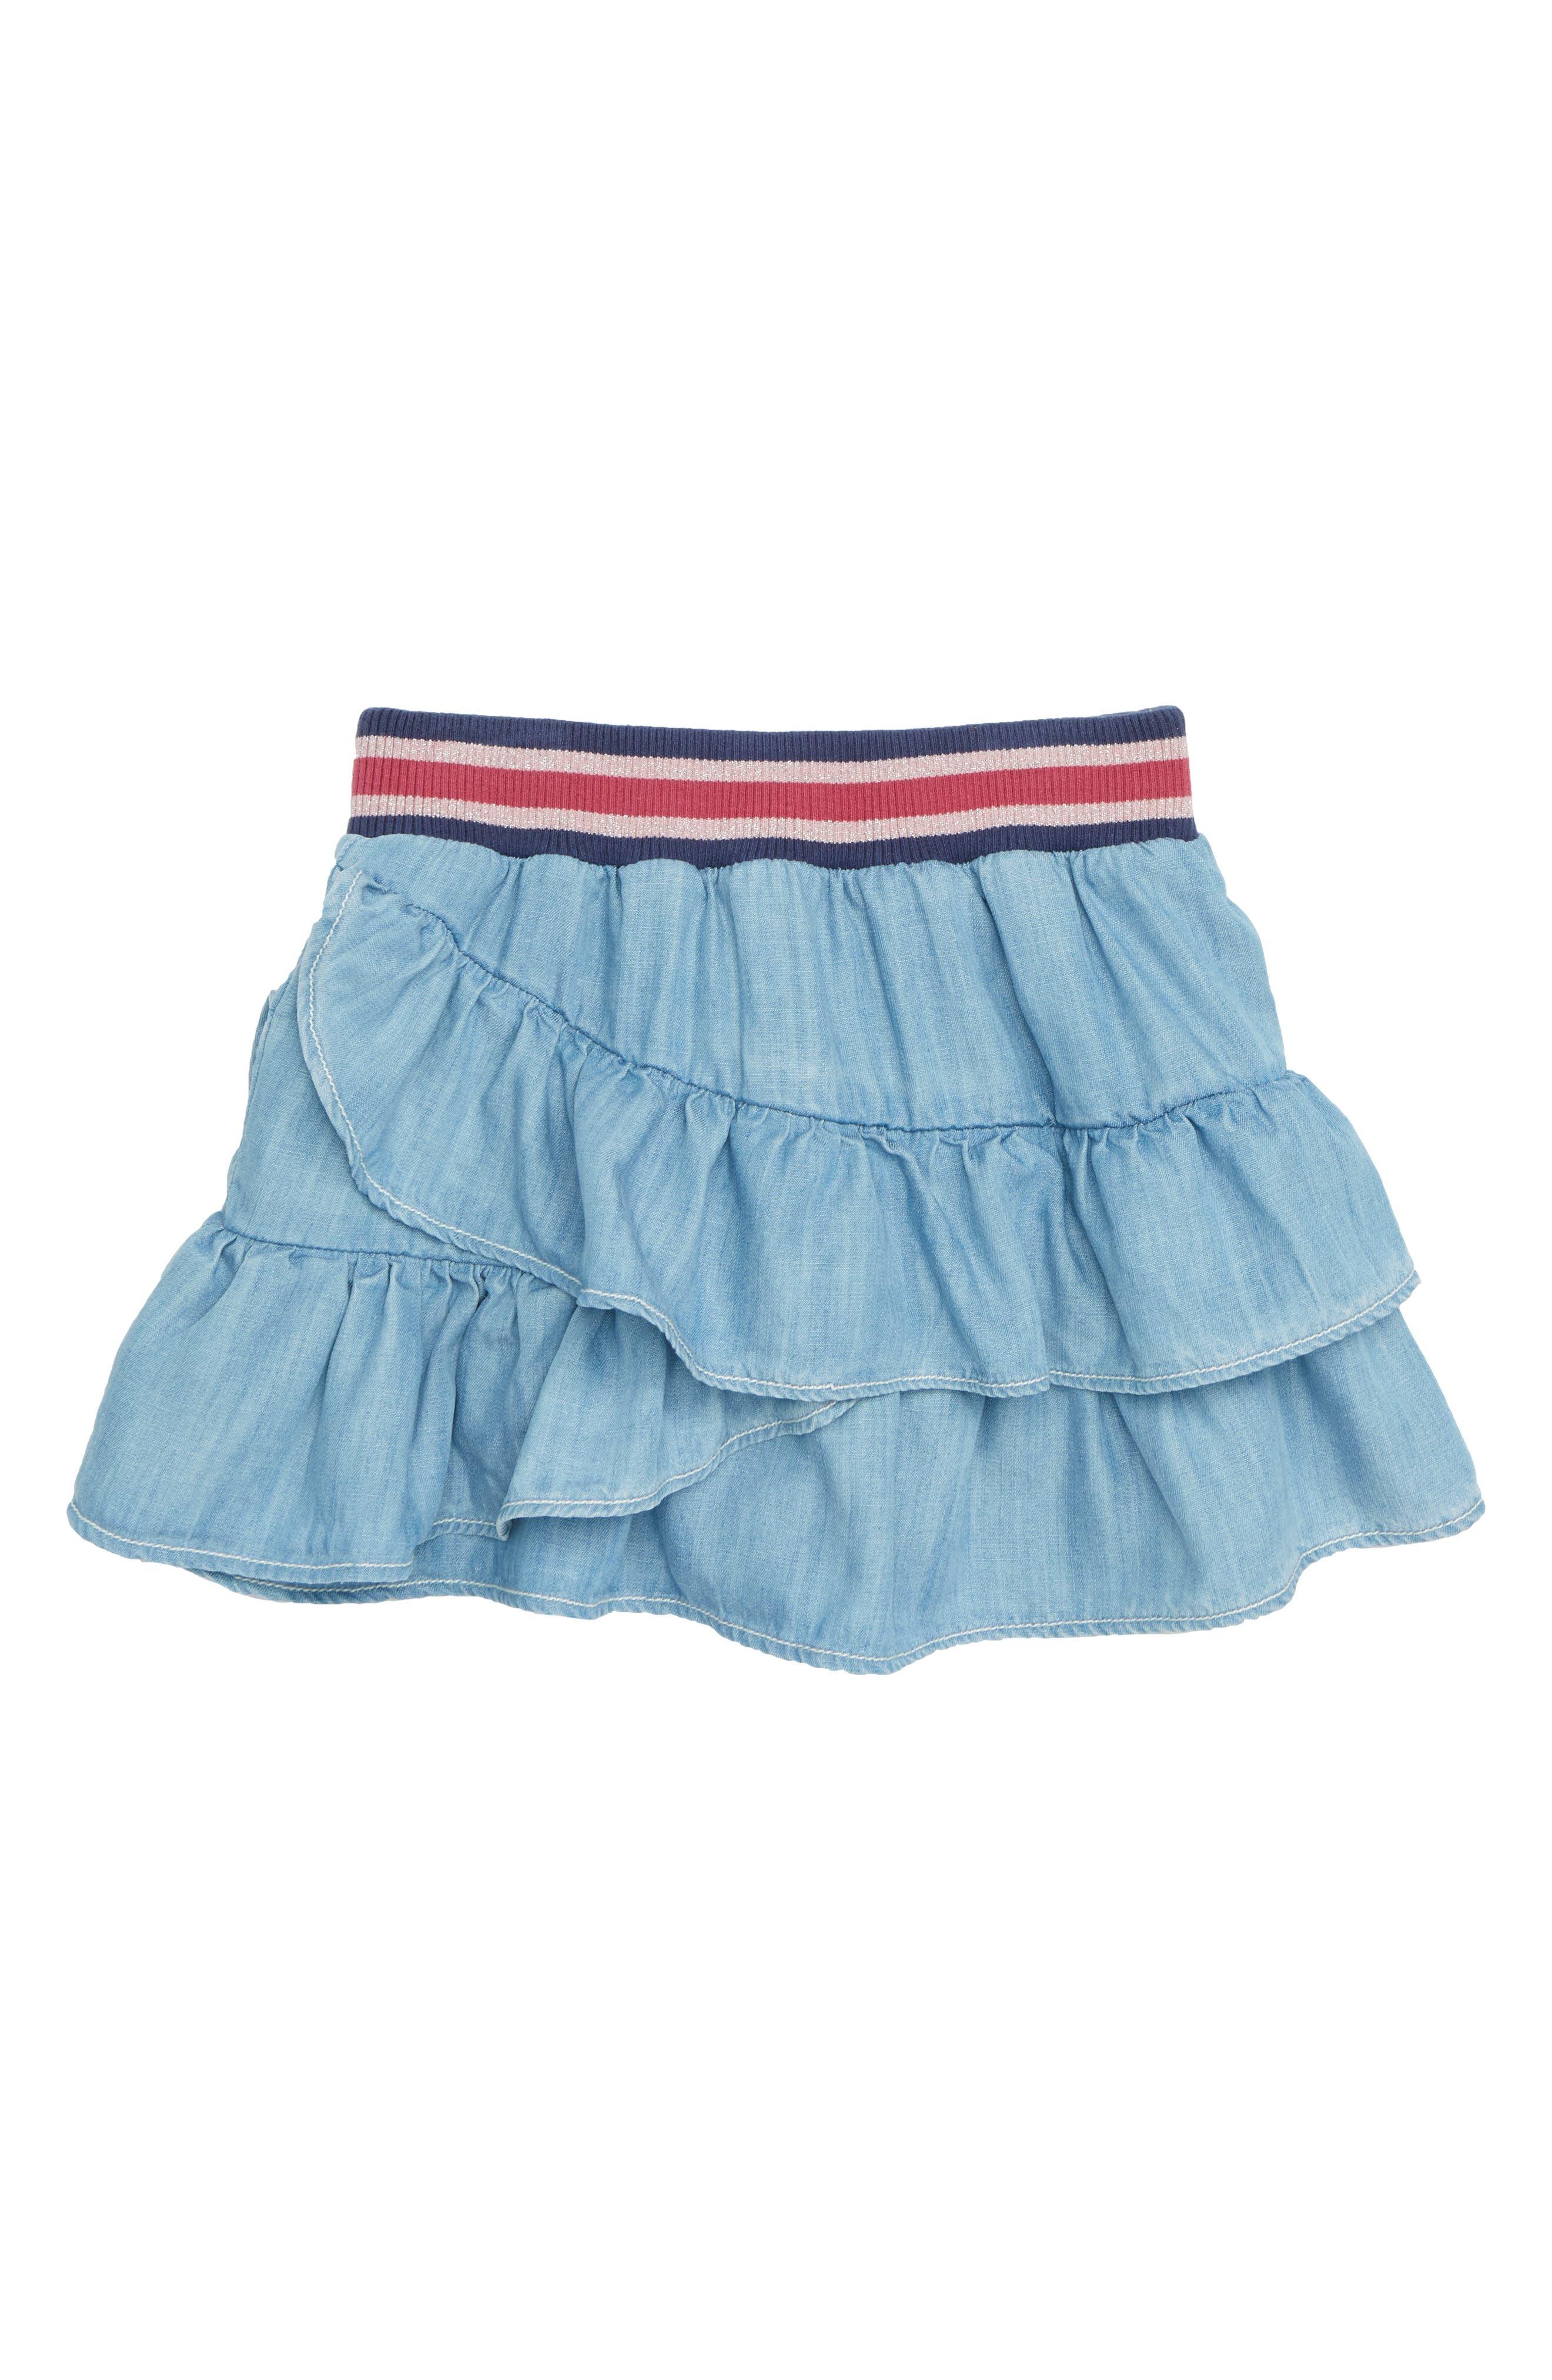 Jolene Skirt,                         Main,                         color, 400